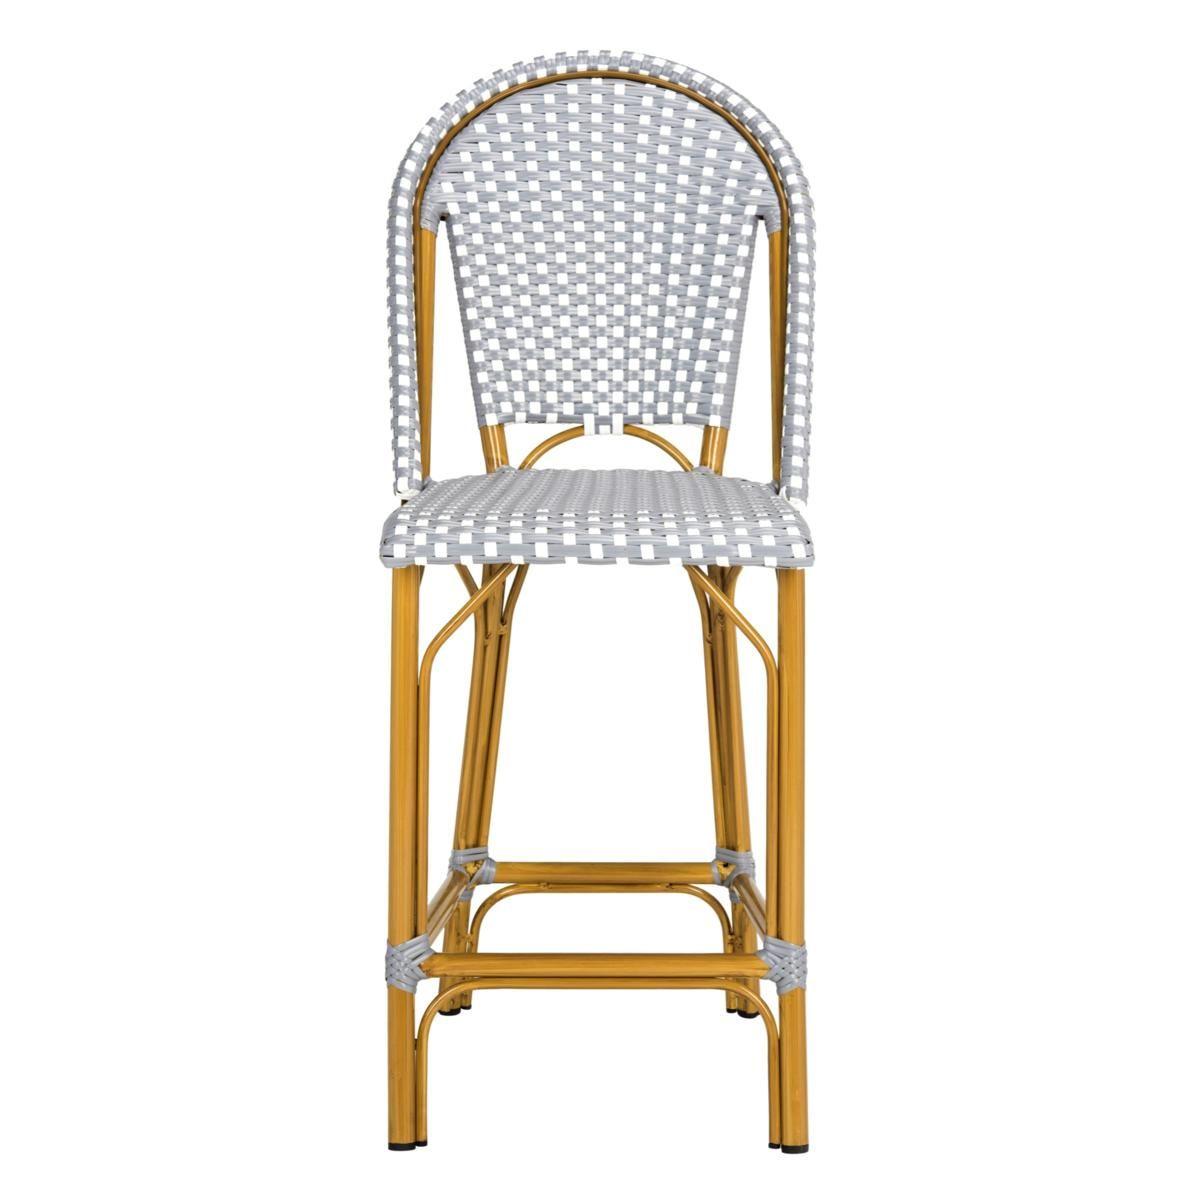 Strange Safavieh Gresley Indoor Outdoor Stacking French Bistro Machost Co Dining Chair Design Ideas Machostcouk